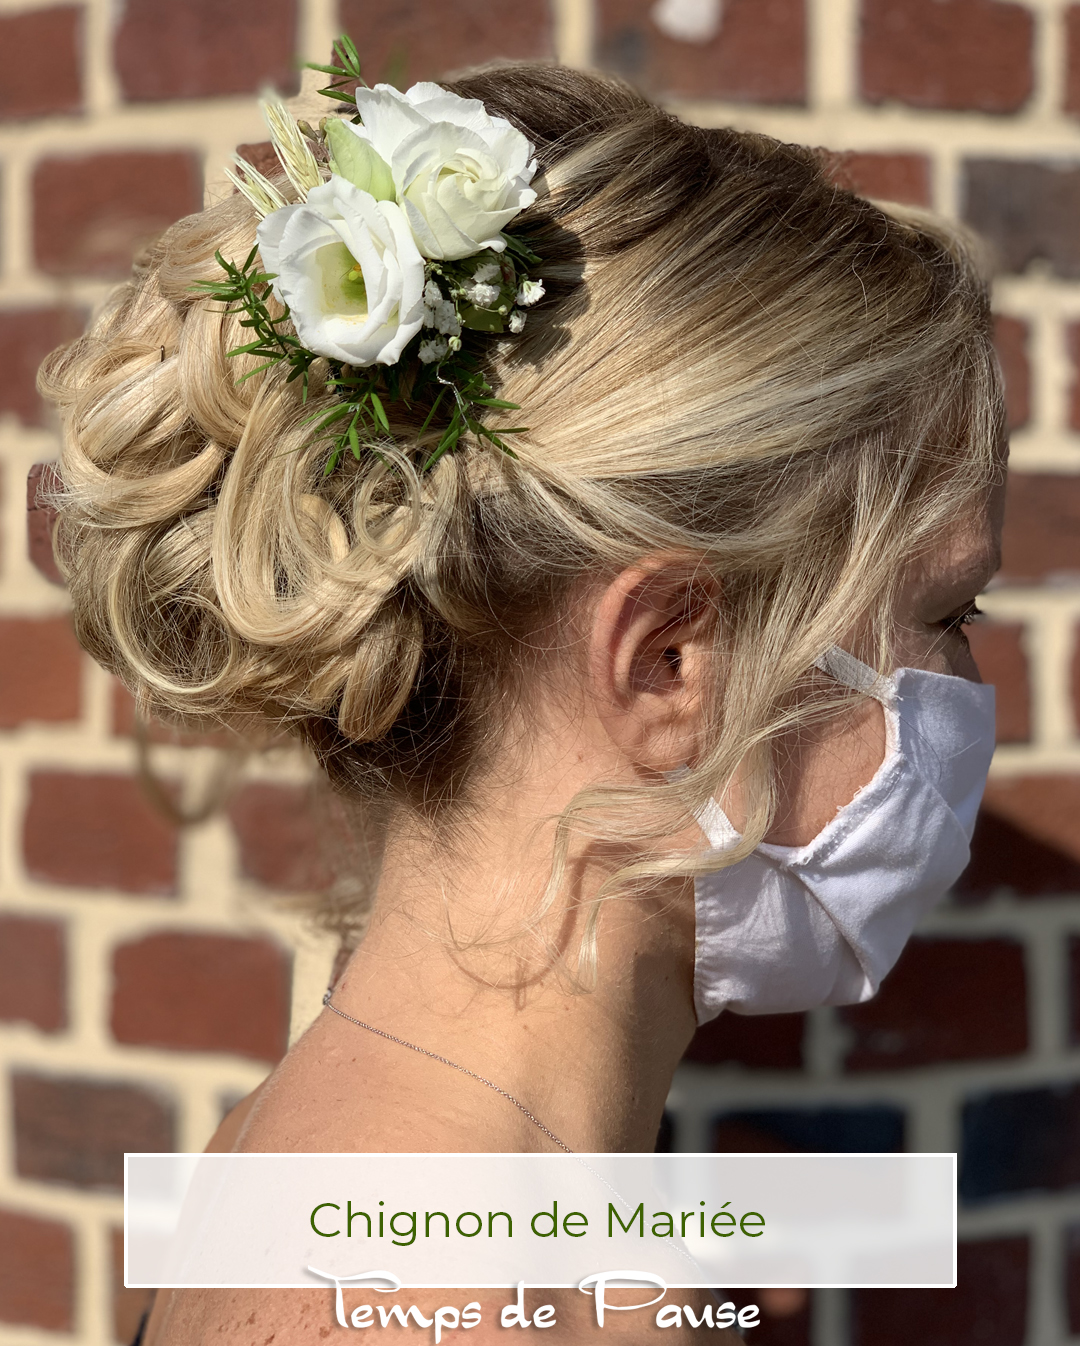 Chignon mariage Réalisation Temps de Pause 105 Grand rue 59550 Maroilles